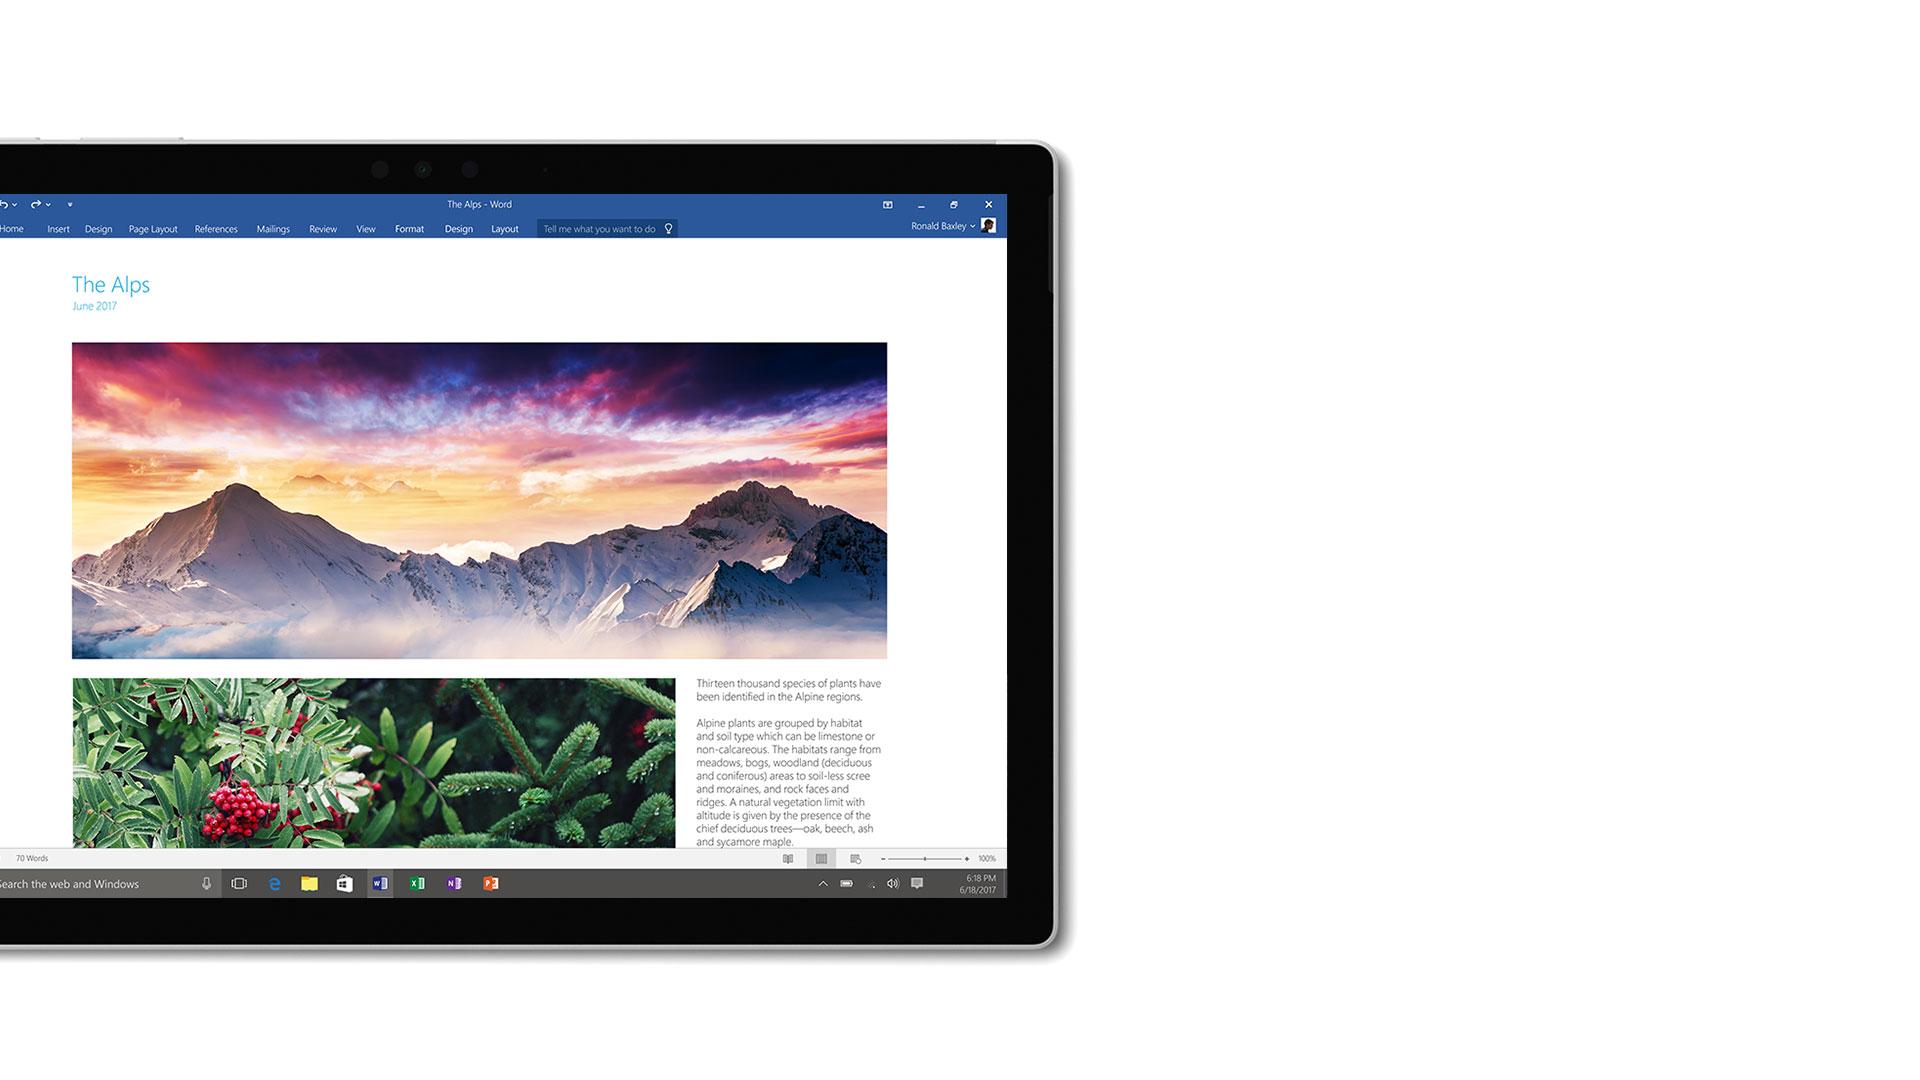 รูปส่วนติดต่อผู้ใช้ของ Microsoft Word